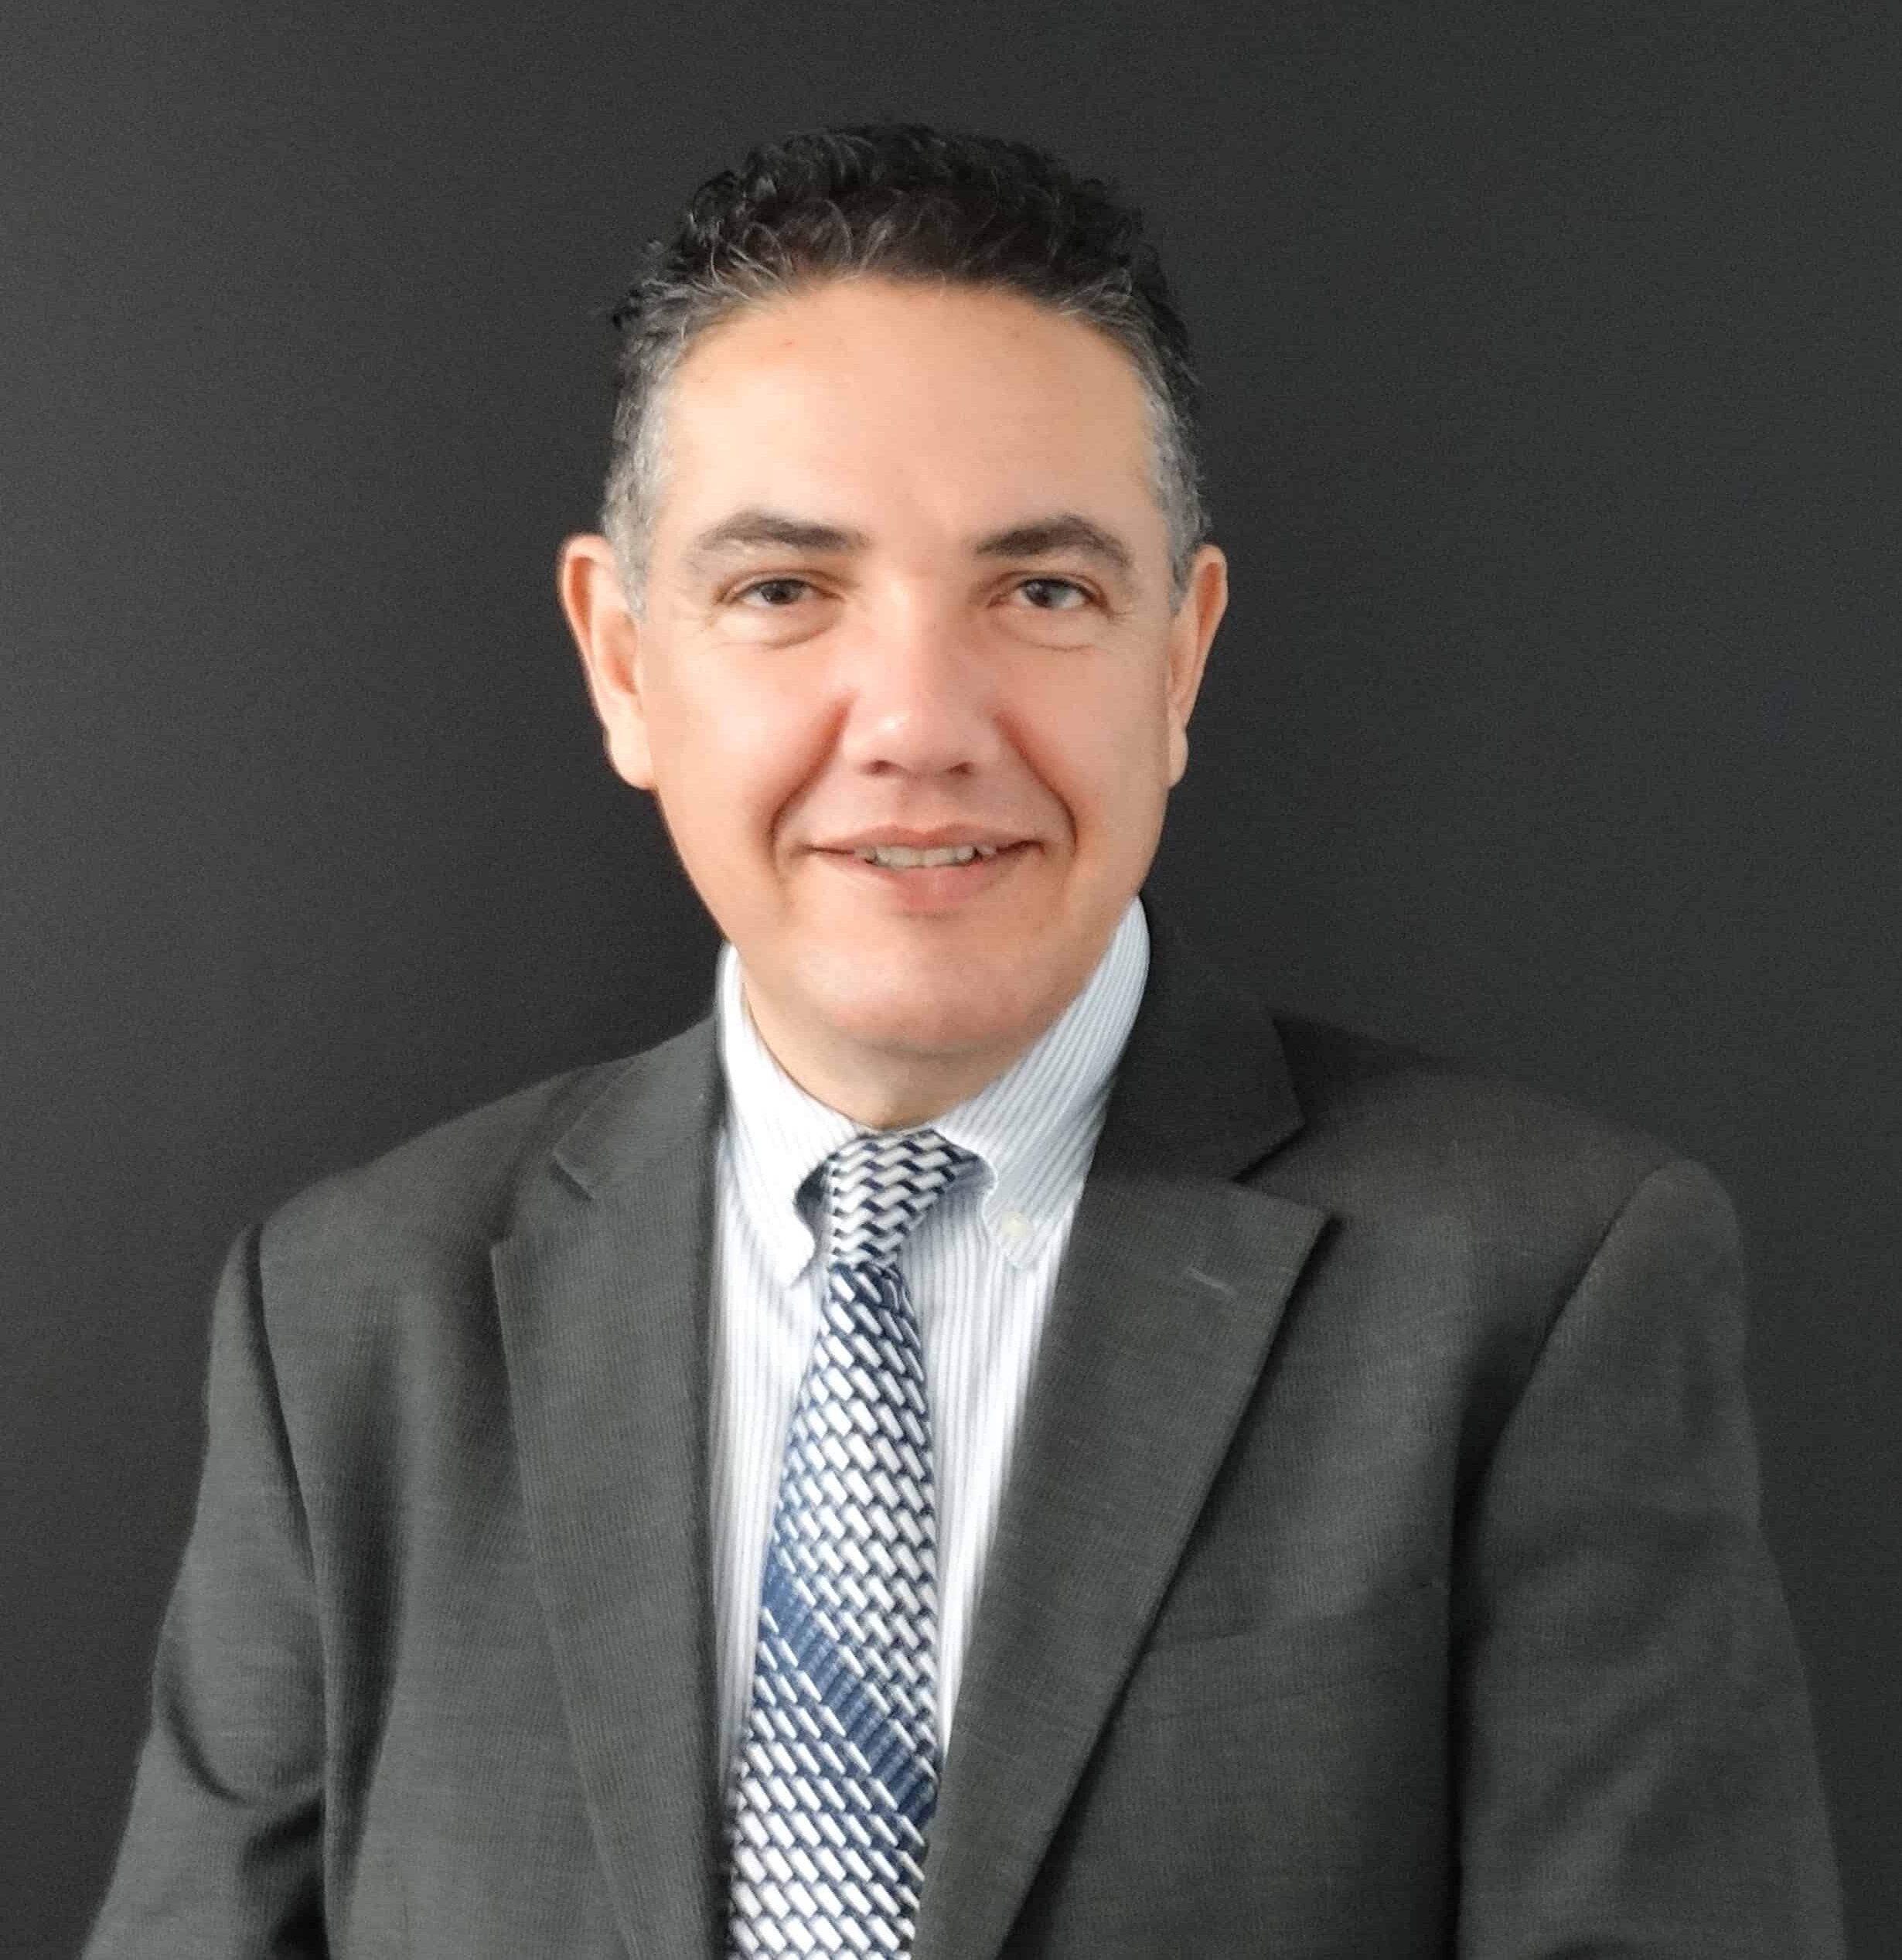 Jose Garreton, BSc, MA, M.Div